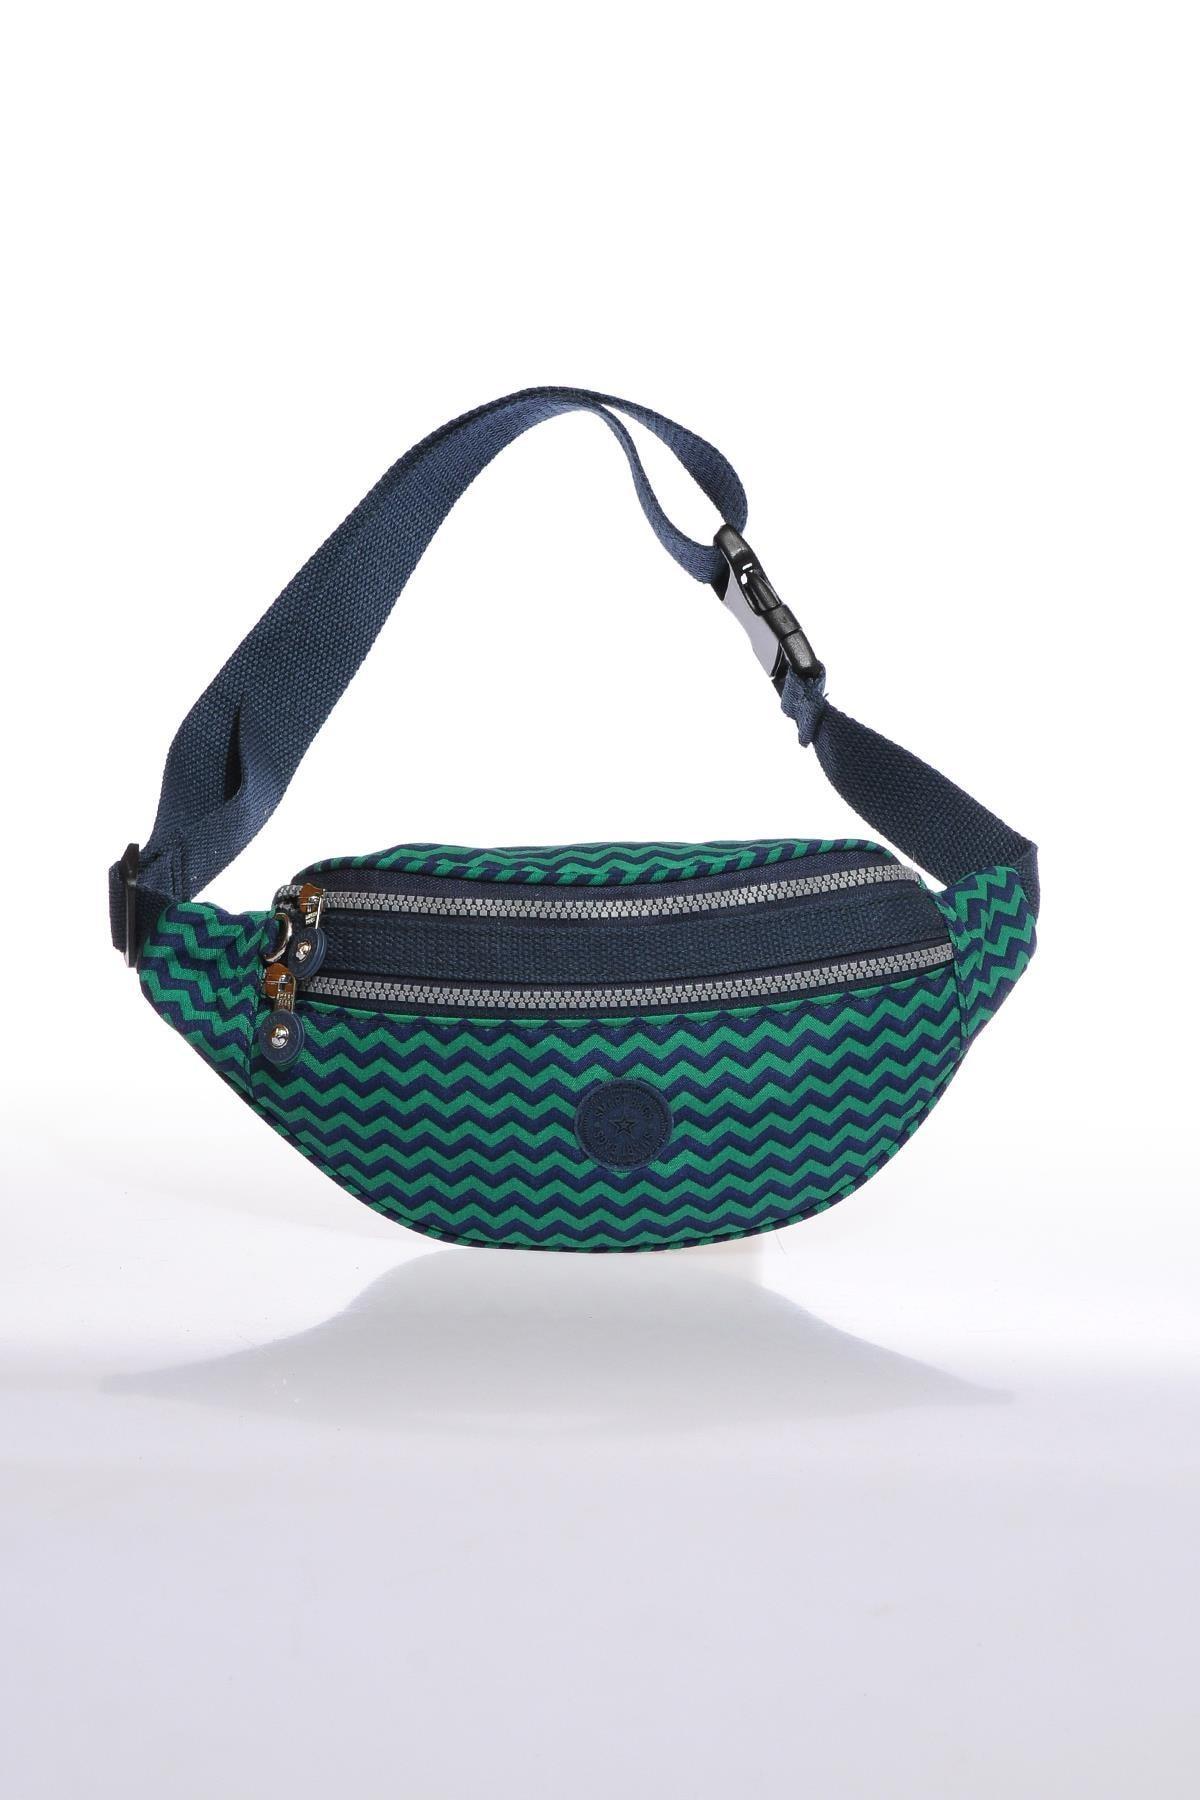 SMART BAGS Lacivert/Yeşil Kadın  Bel Çantası Smb3030